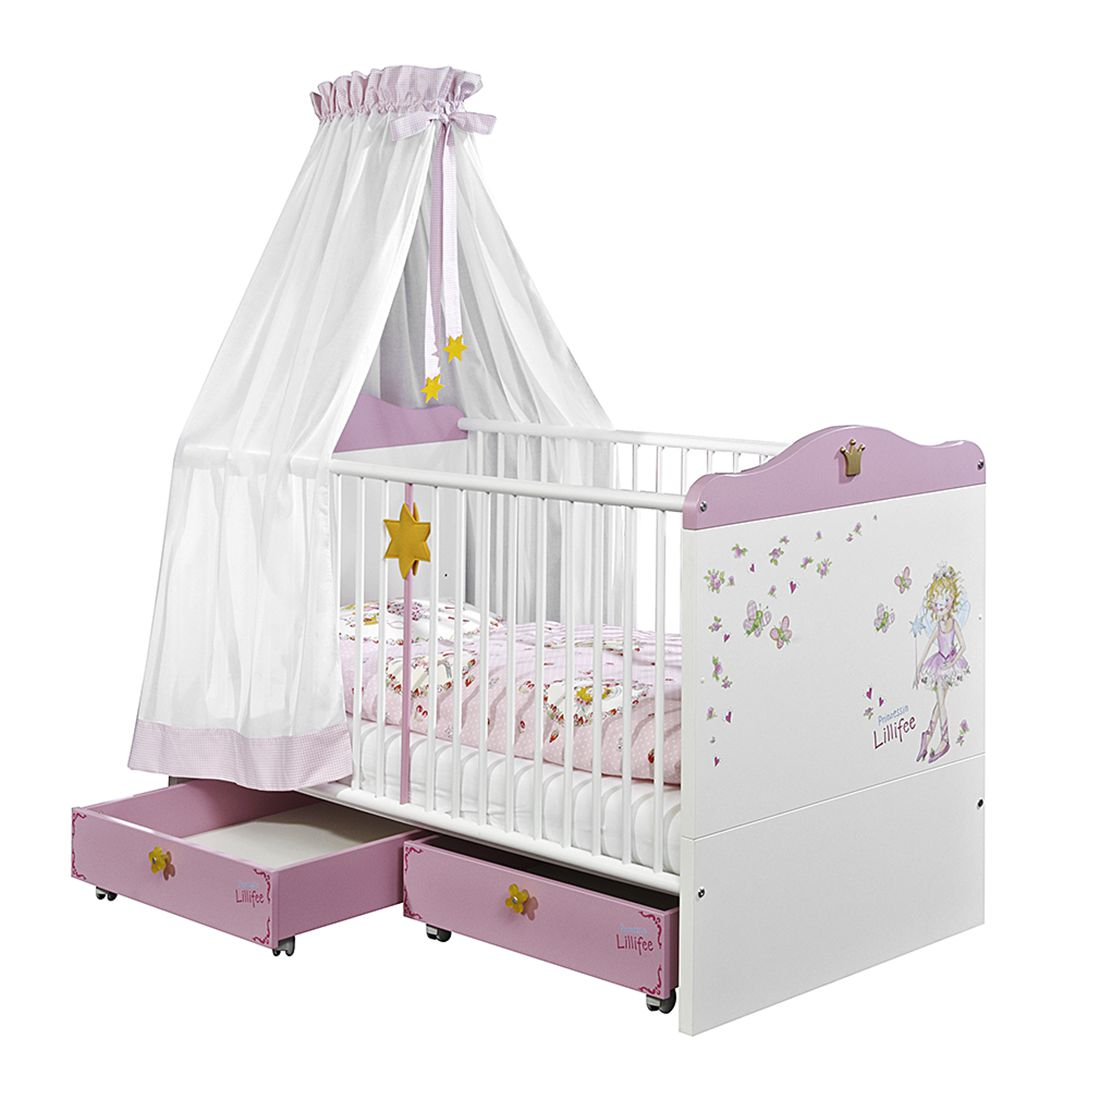 Babybett prinzessin lillifee   weiß/rosa   lattenrost/bett, arte m ...